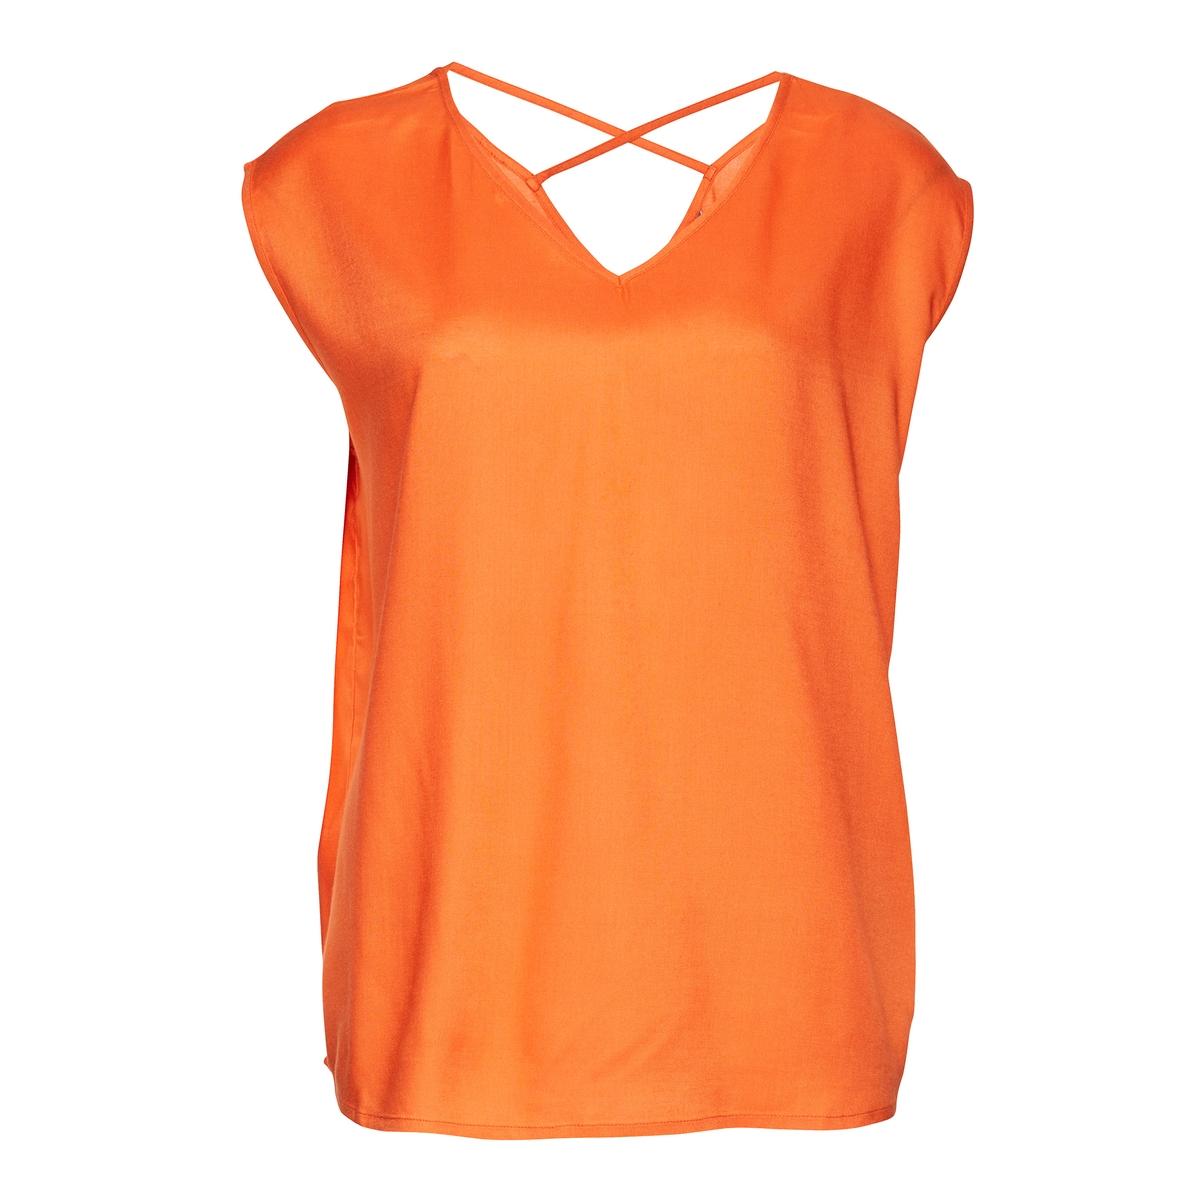 Блузка с рисунком, короткие рукава, вырез сзадиМатериал : 100% вискоза   Длина рукава : без рукавов Форма воротника : Круглый вырез Длина : Стандартная  Рисунок :с рисунком<br><br>Цвет: оранжевый<br>Размер: 40 (FR) - 46 (RUS)